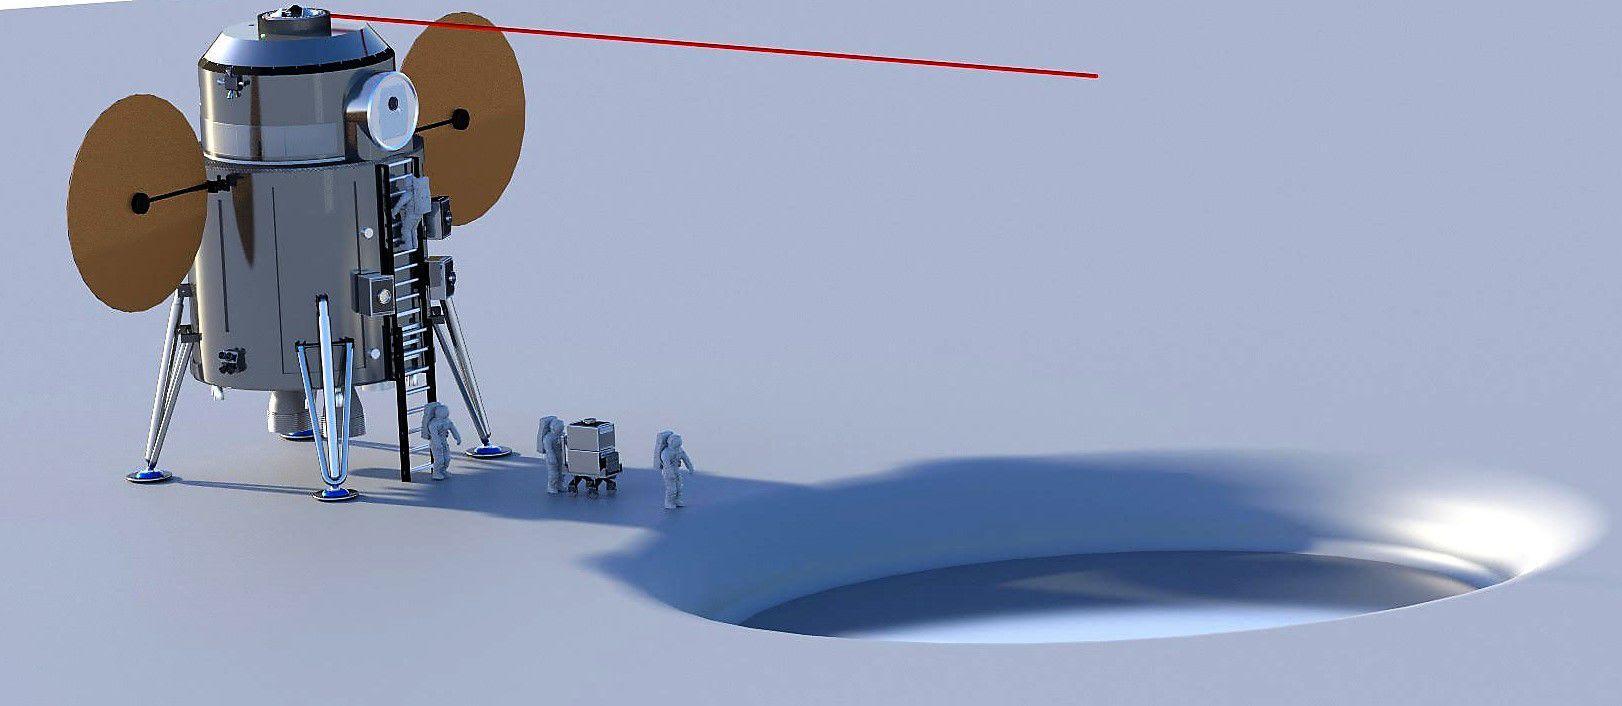 simulacion nave espacial tripulada